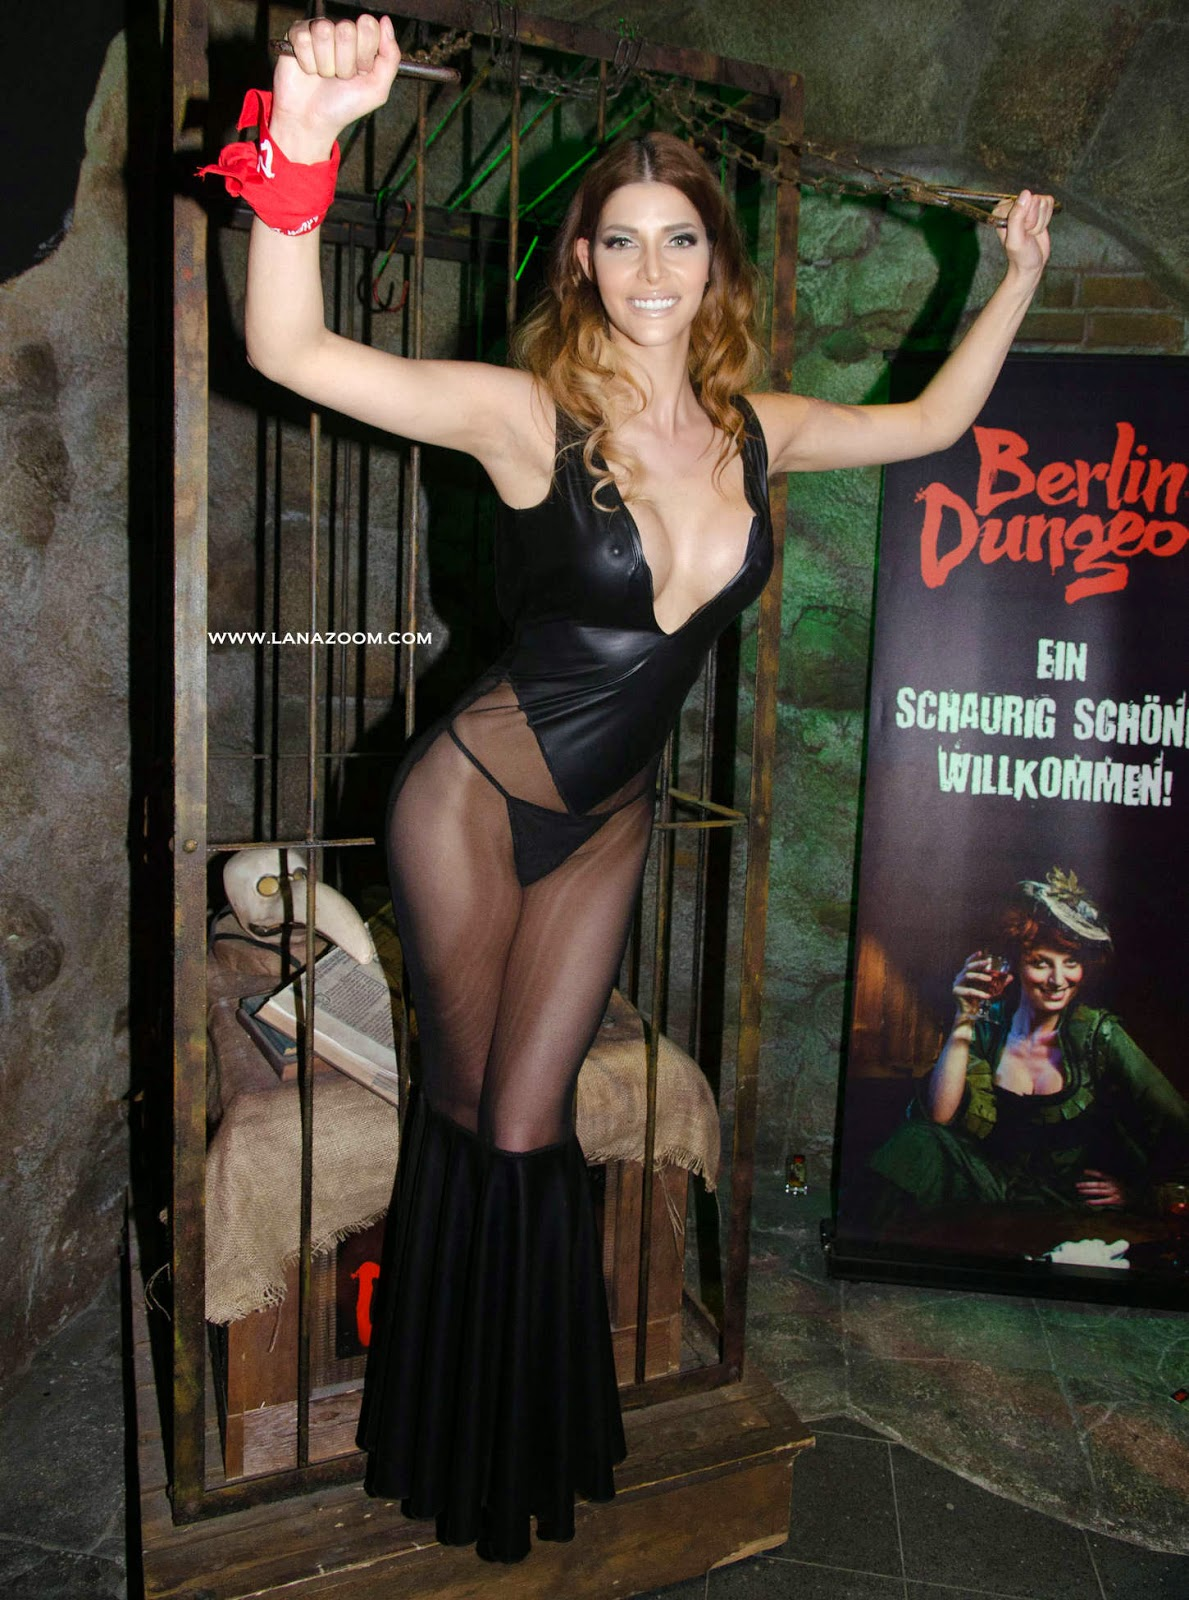 صور الممثلة الألمانية ميكايلا شايفر بثوب فاضح خلال حفل في برلين